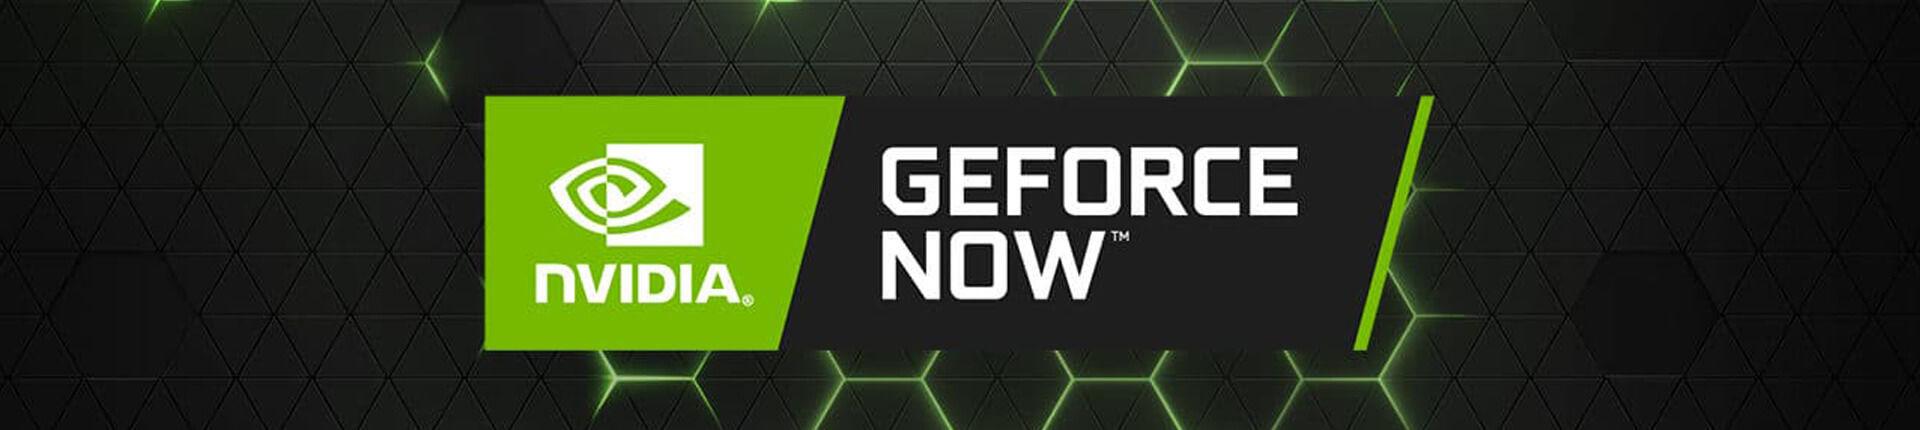 <a href='https://www.mightygamesmag.de/all-game-list/geforce-now/'>Zum Spiel</a>